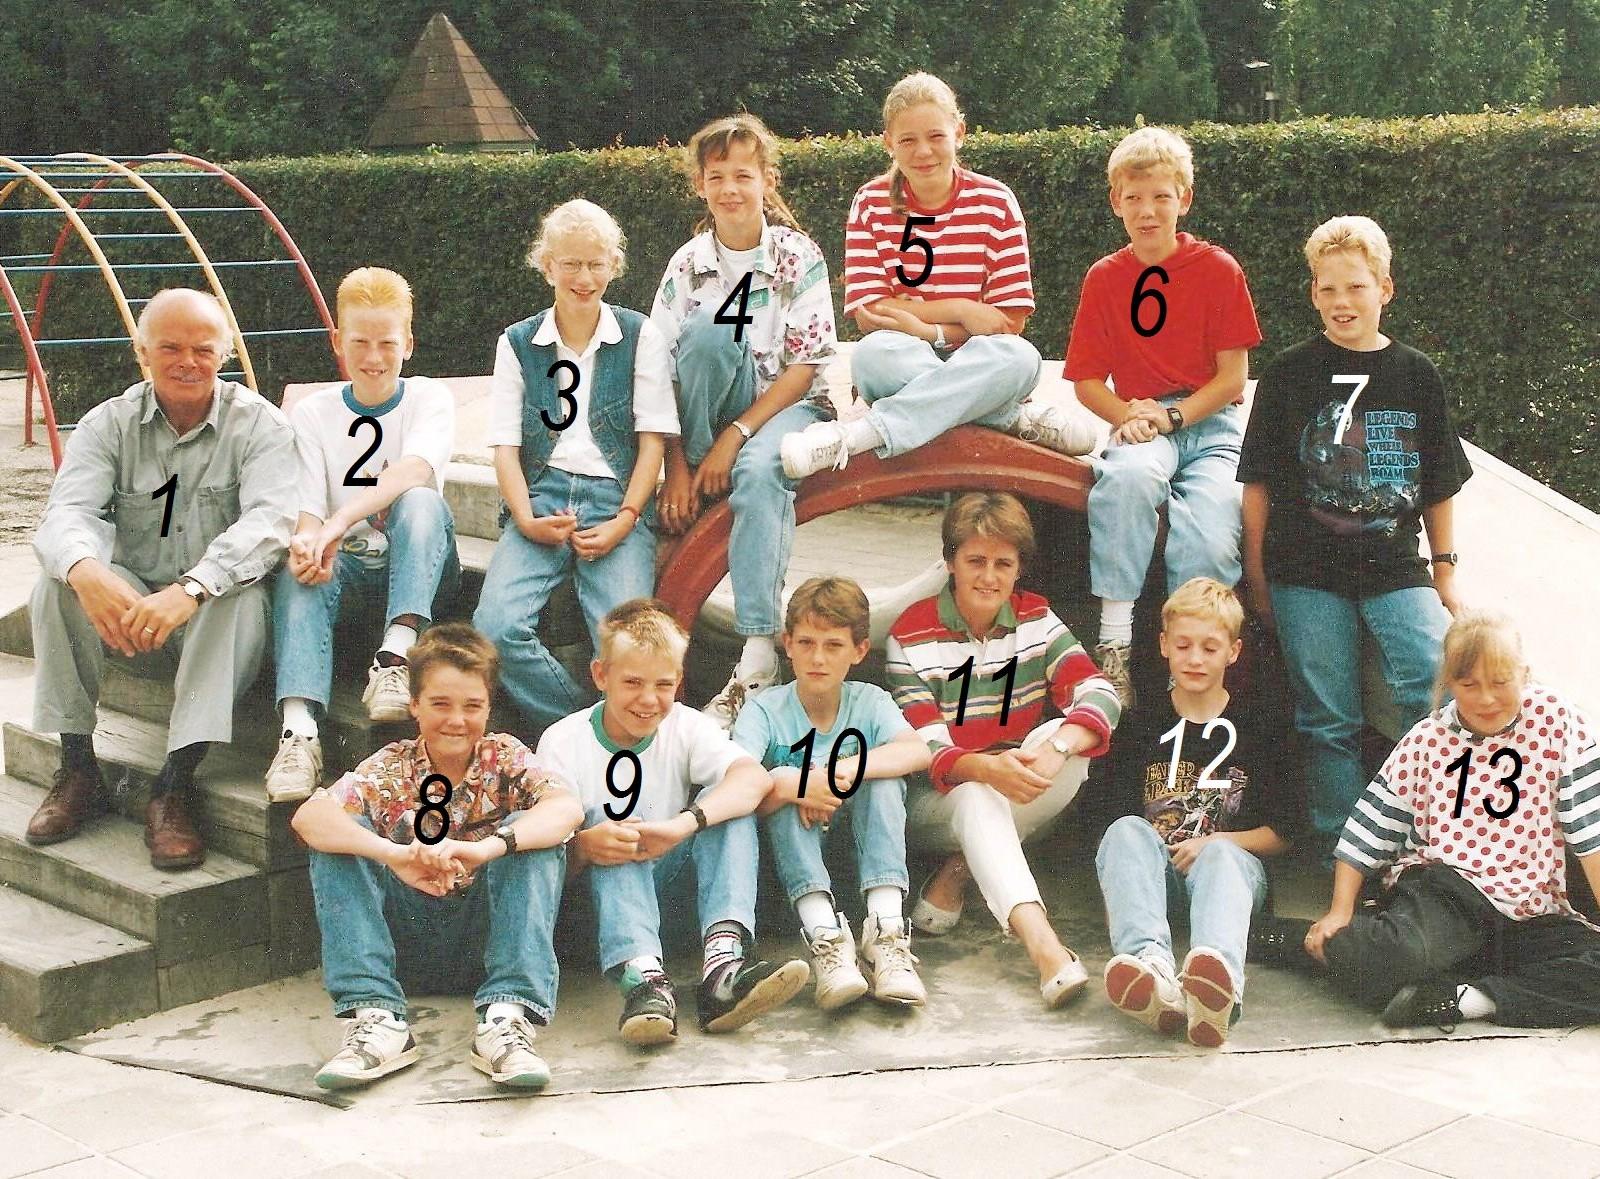 Lagere school Lattrop 1992-1993